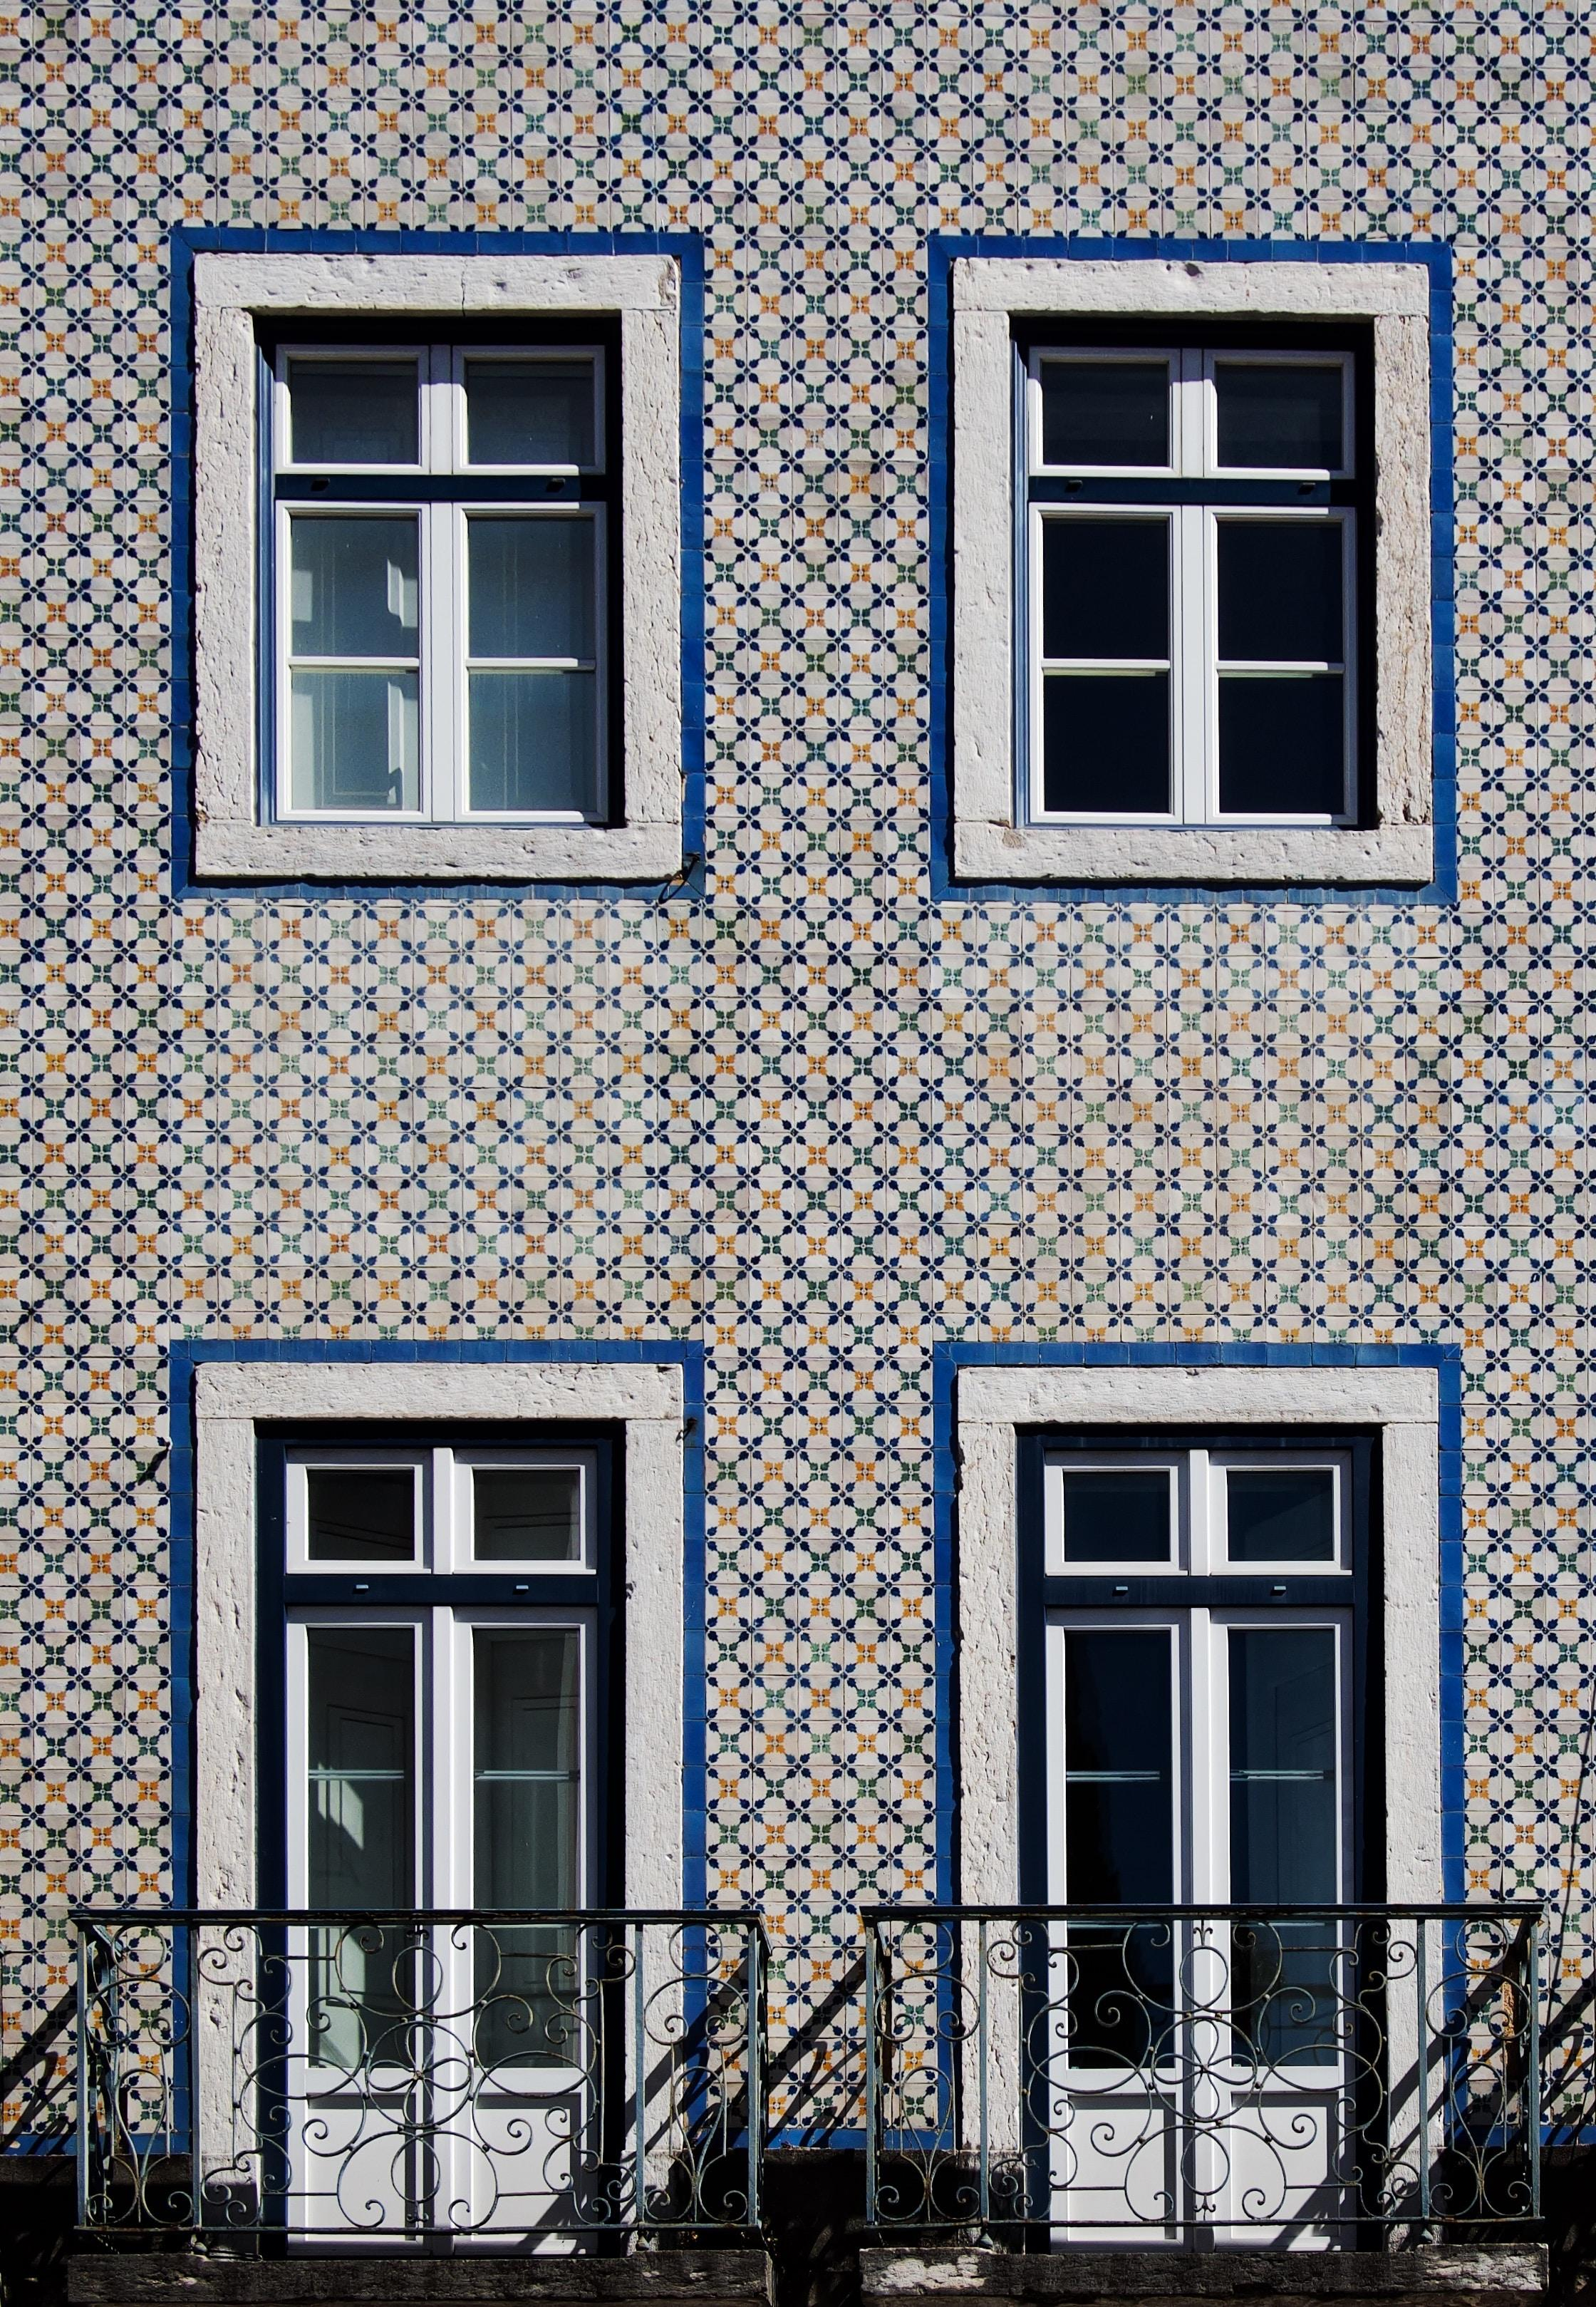 Fachada de un edificio con azulejos pequeños